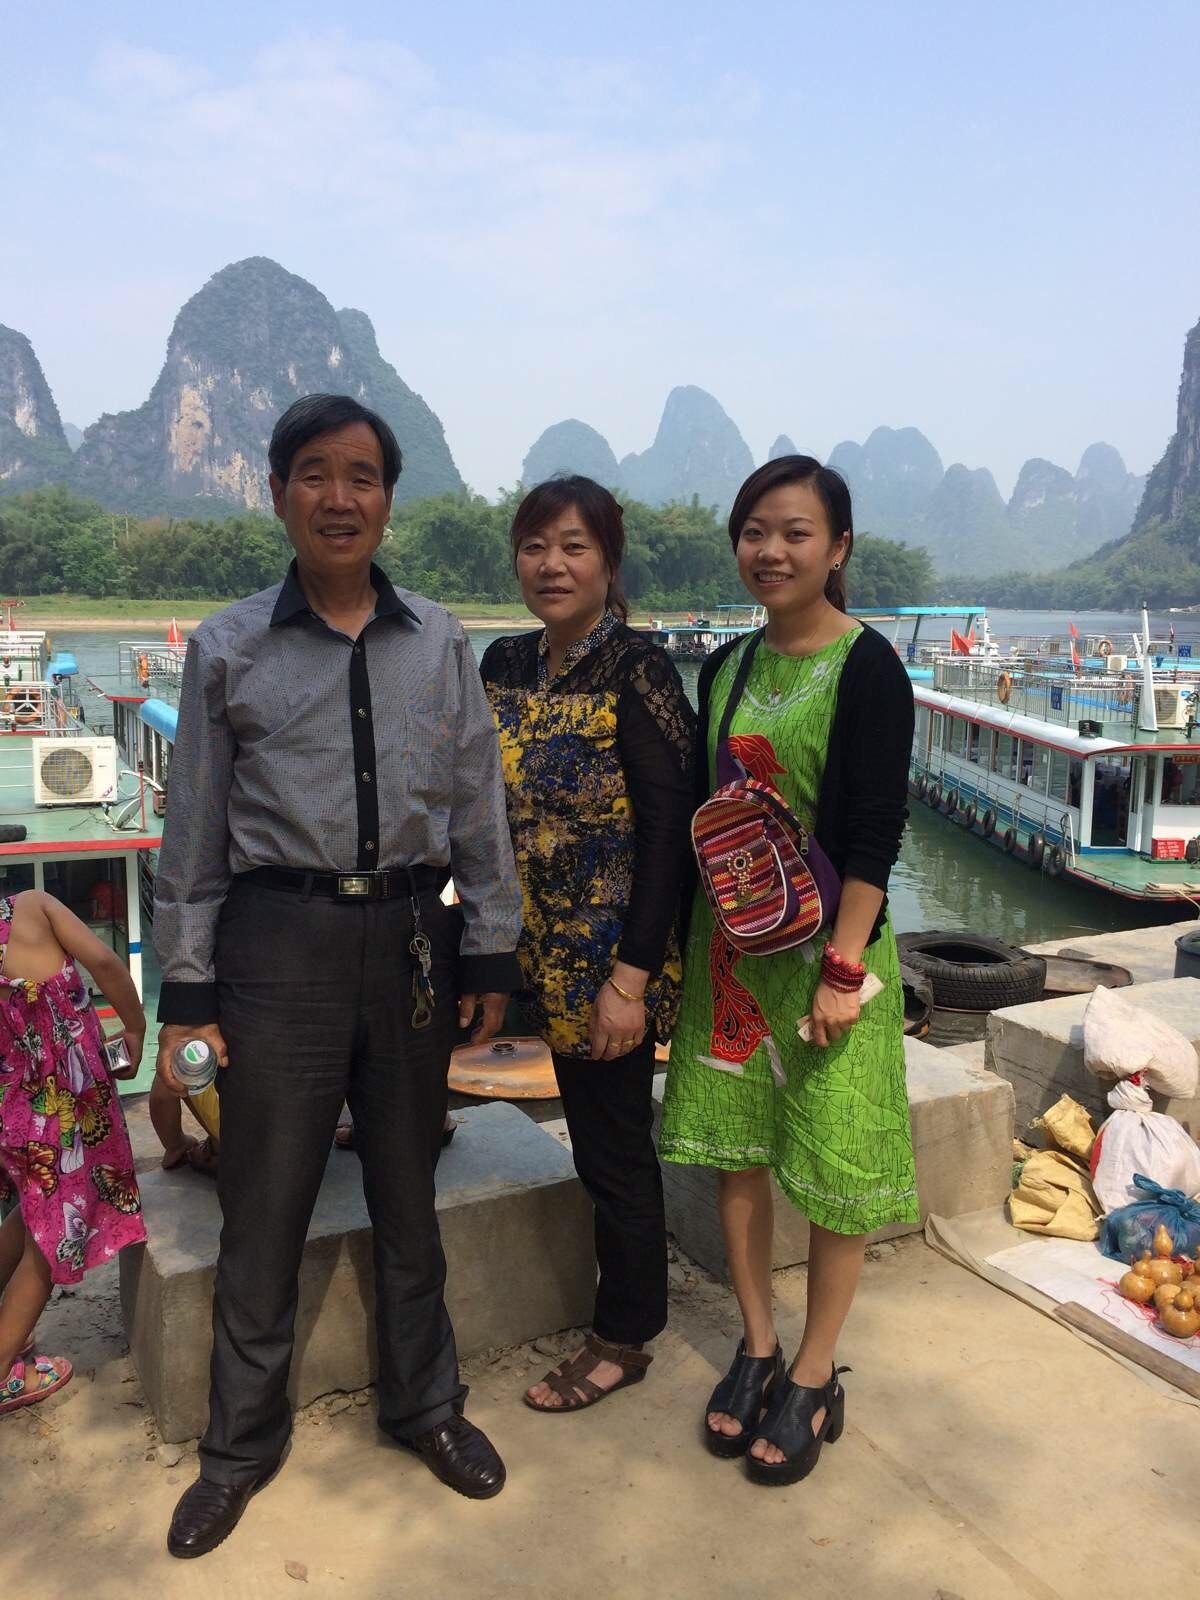 一家人在一起旅行是幸福的